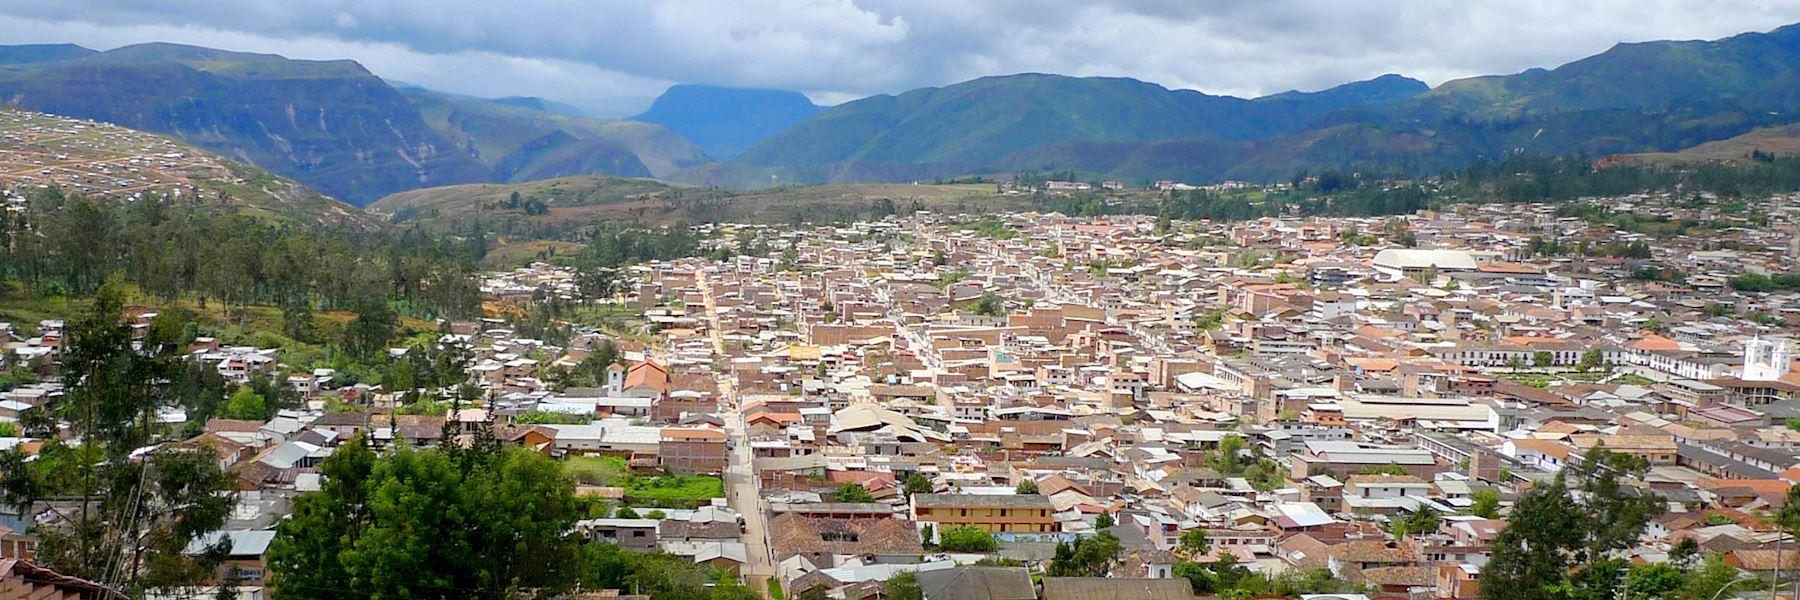 Visit Chachapoyas, Peru